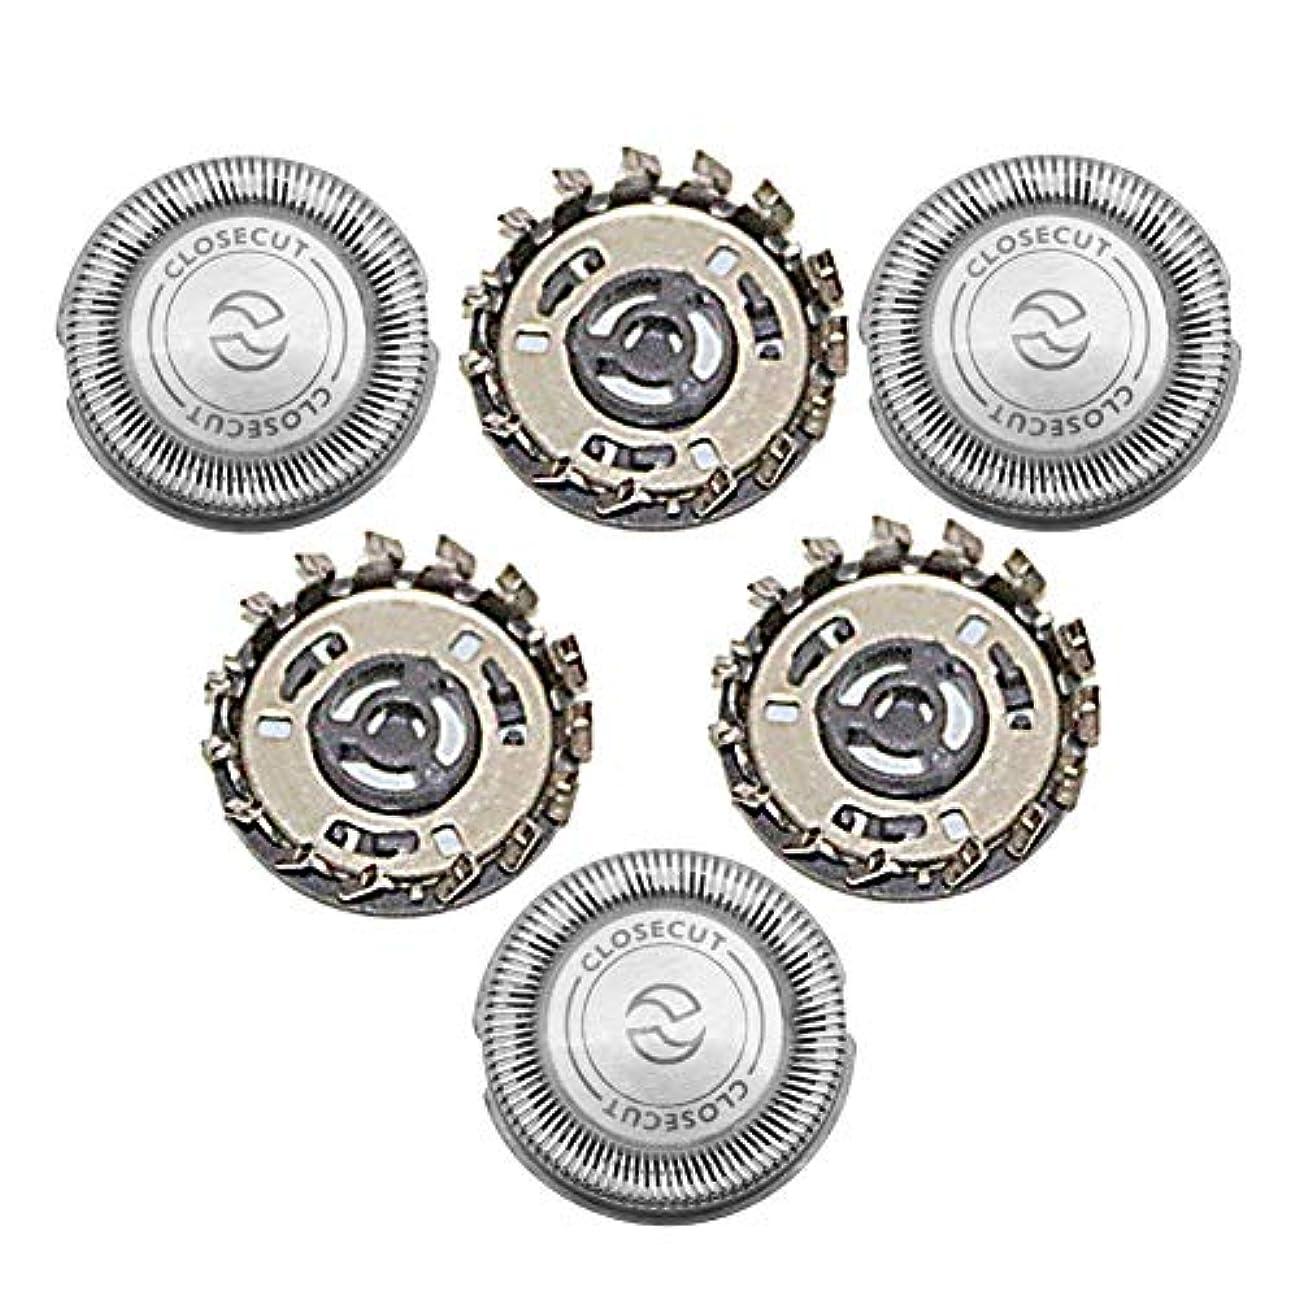 シェーバー 替刃 替え刃 カミソリ ヘッド 交換用替刃 替刃3個入り フィリップス HQ4 シリーズ PQ216 PQ182 PQ226 YQ6008に適用